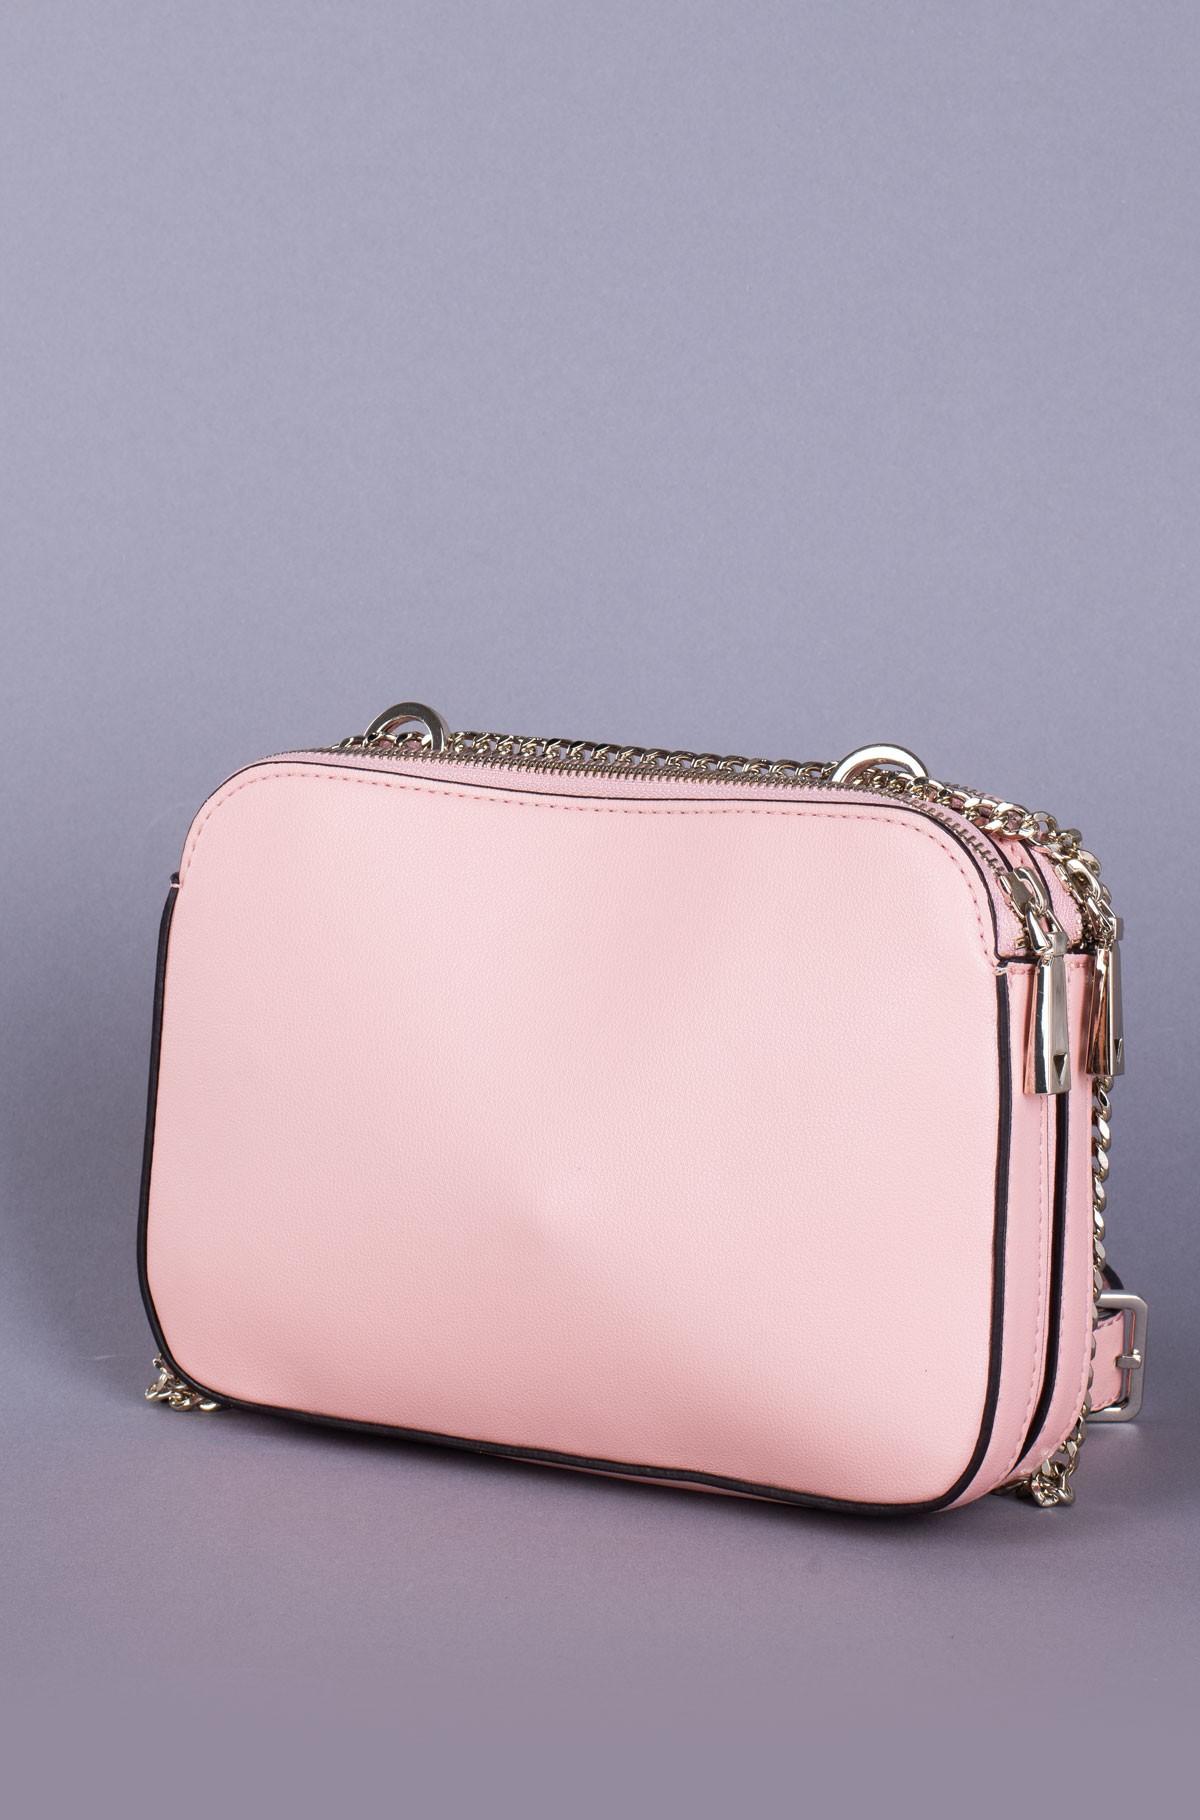 Shoulder bag HWVG74 80140-full-2